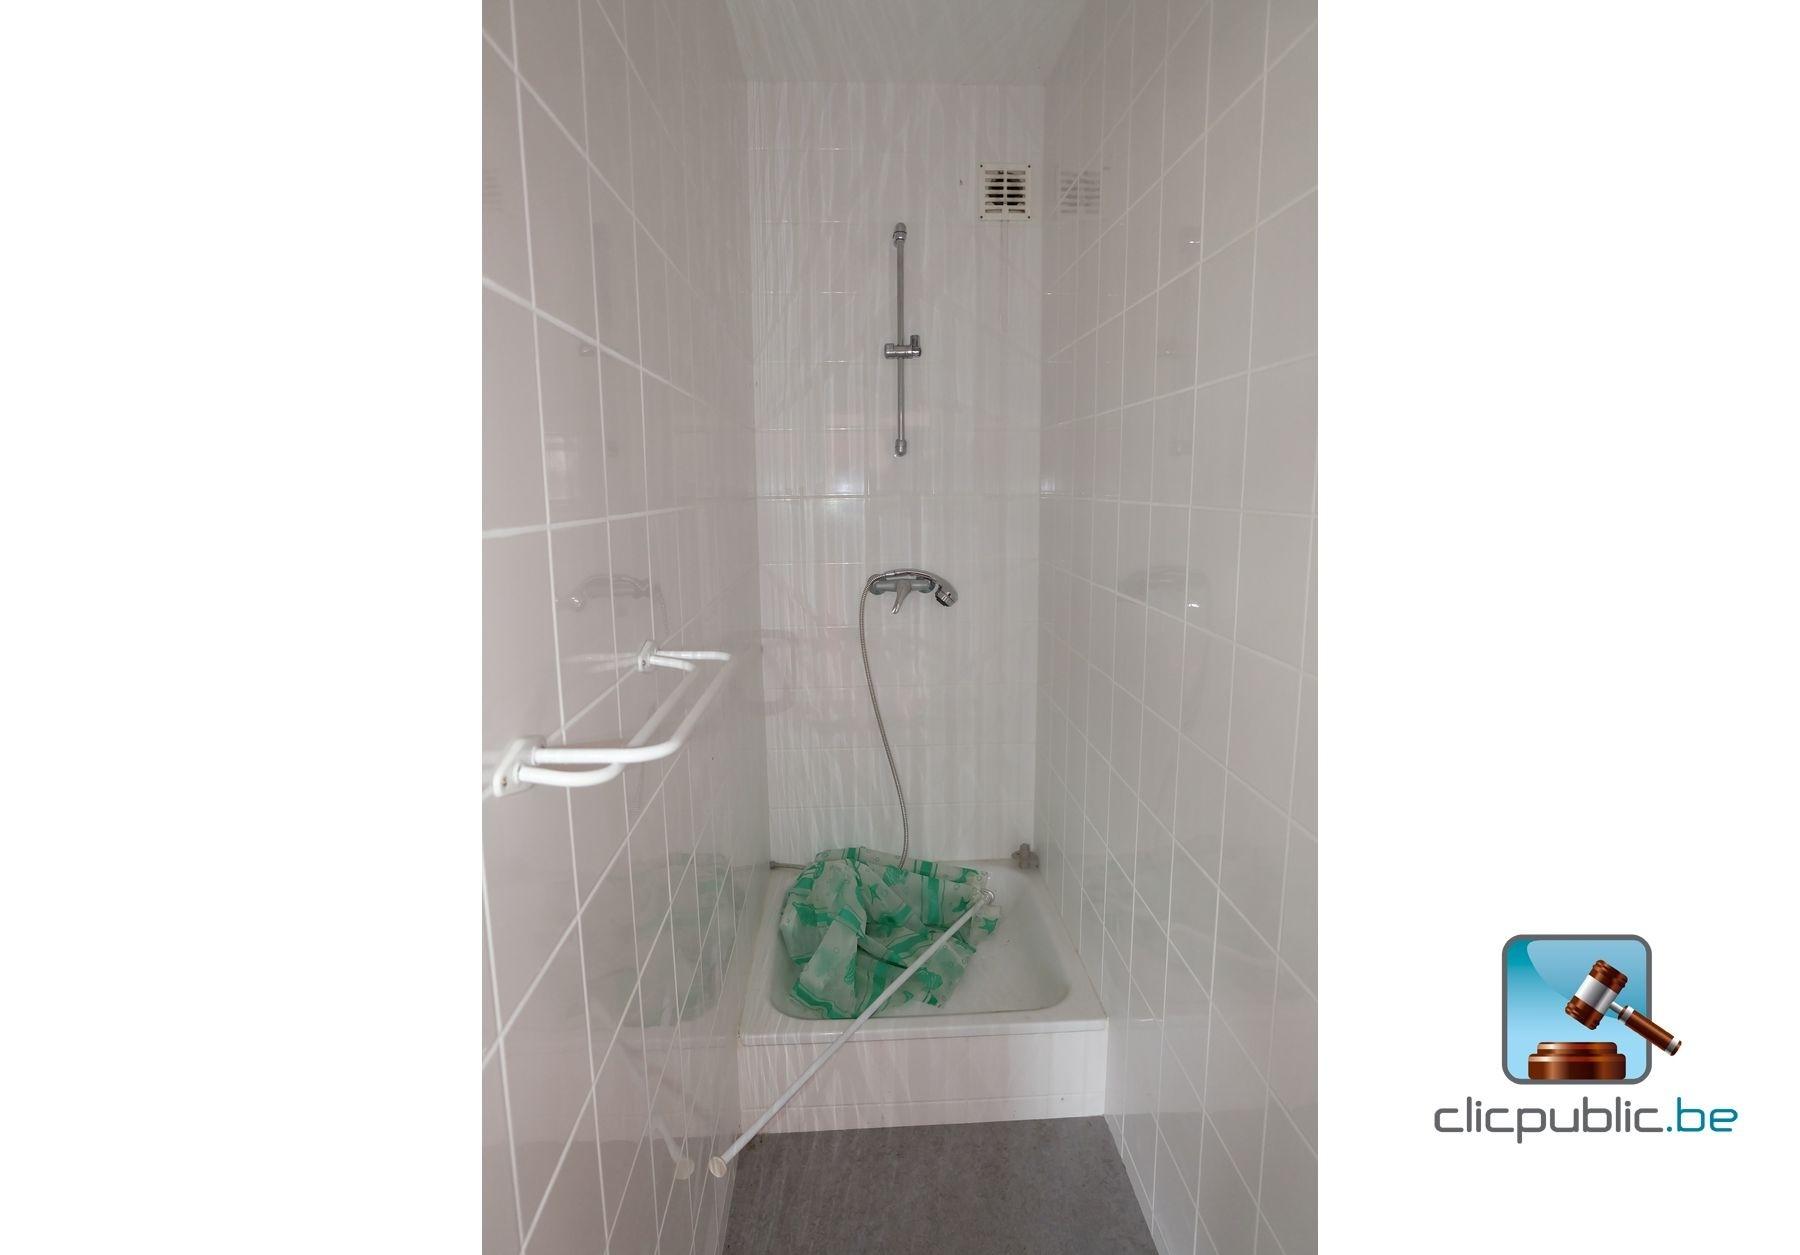 Sanitaire vendu avec un lot de 3 radiateurs vanmarcke ref 16 vendre sur - Vente sanitaire en ligne ...